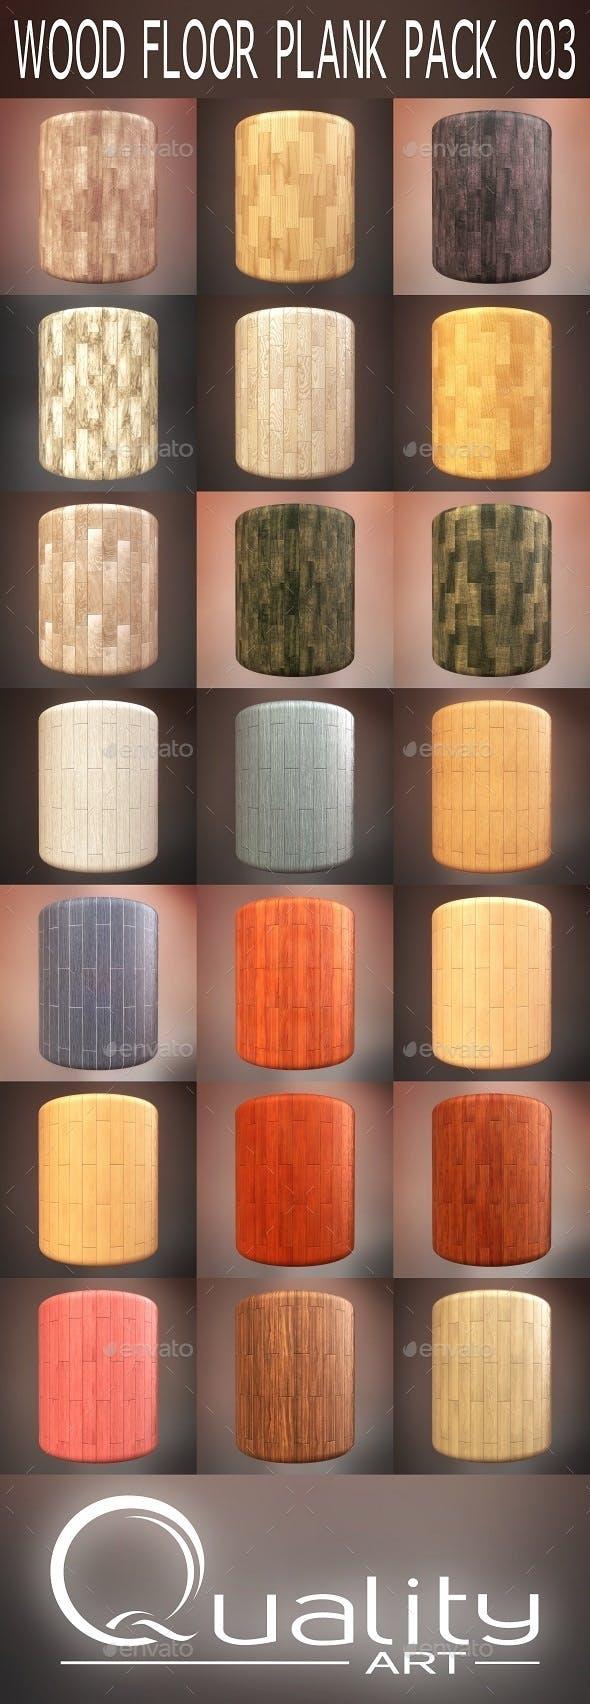 Wood Floor Plank Pack 003 - 3DOcean Item for Sale